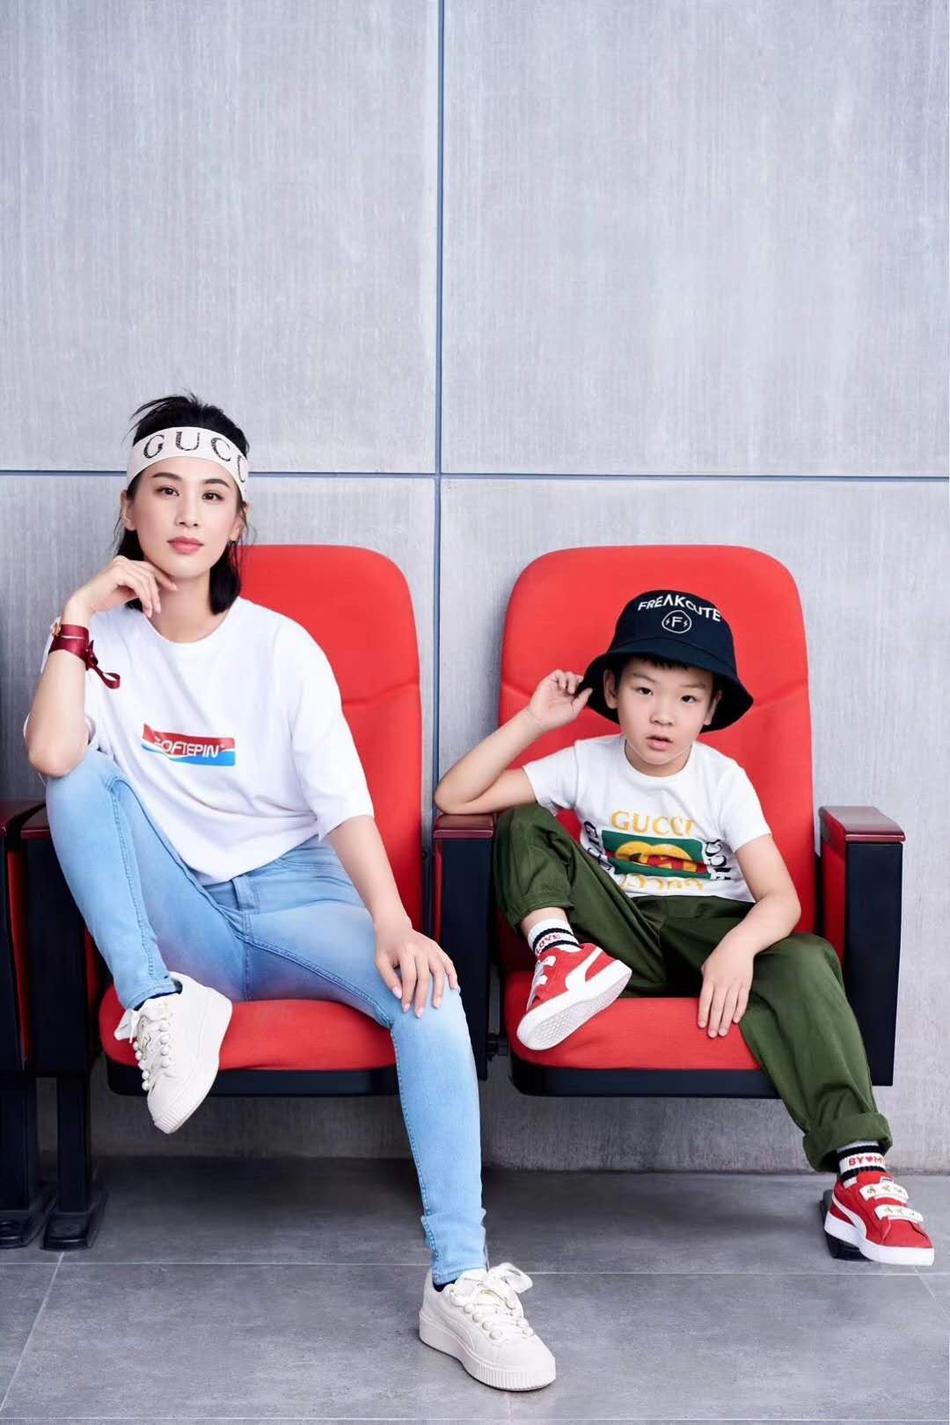 杨子晒妻儿运动风酷炫写真 安迪表情被赞